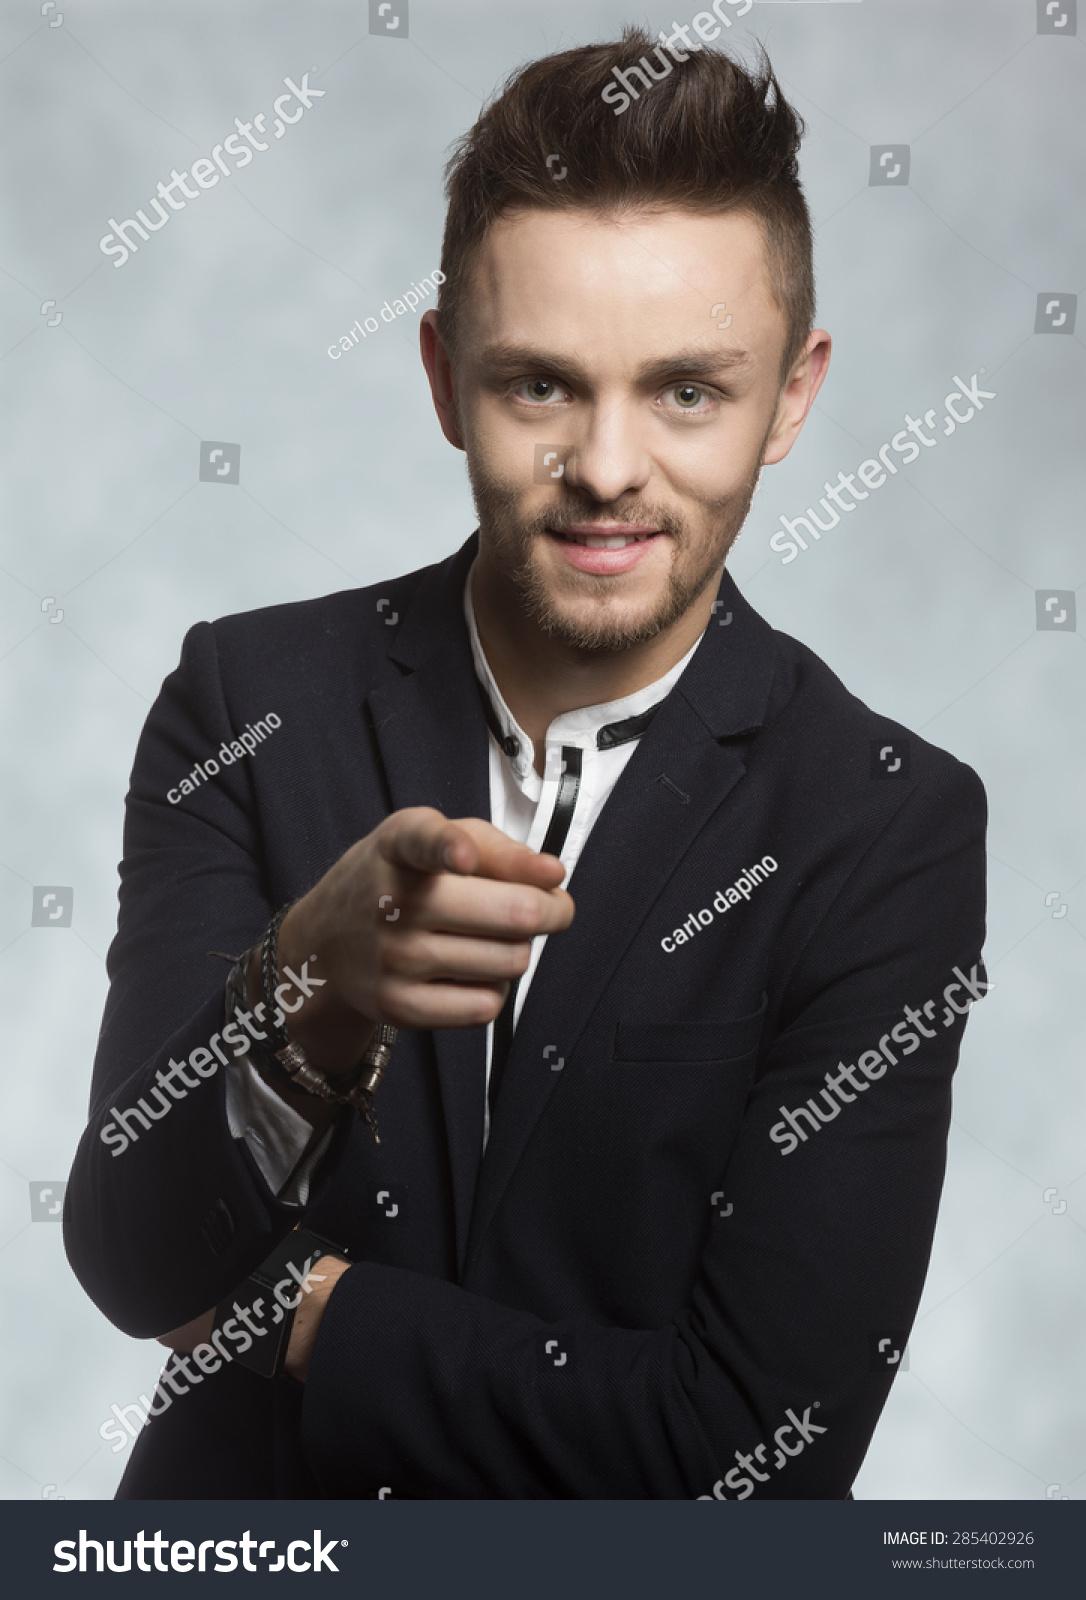 微信男生西装手表头像